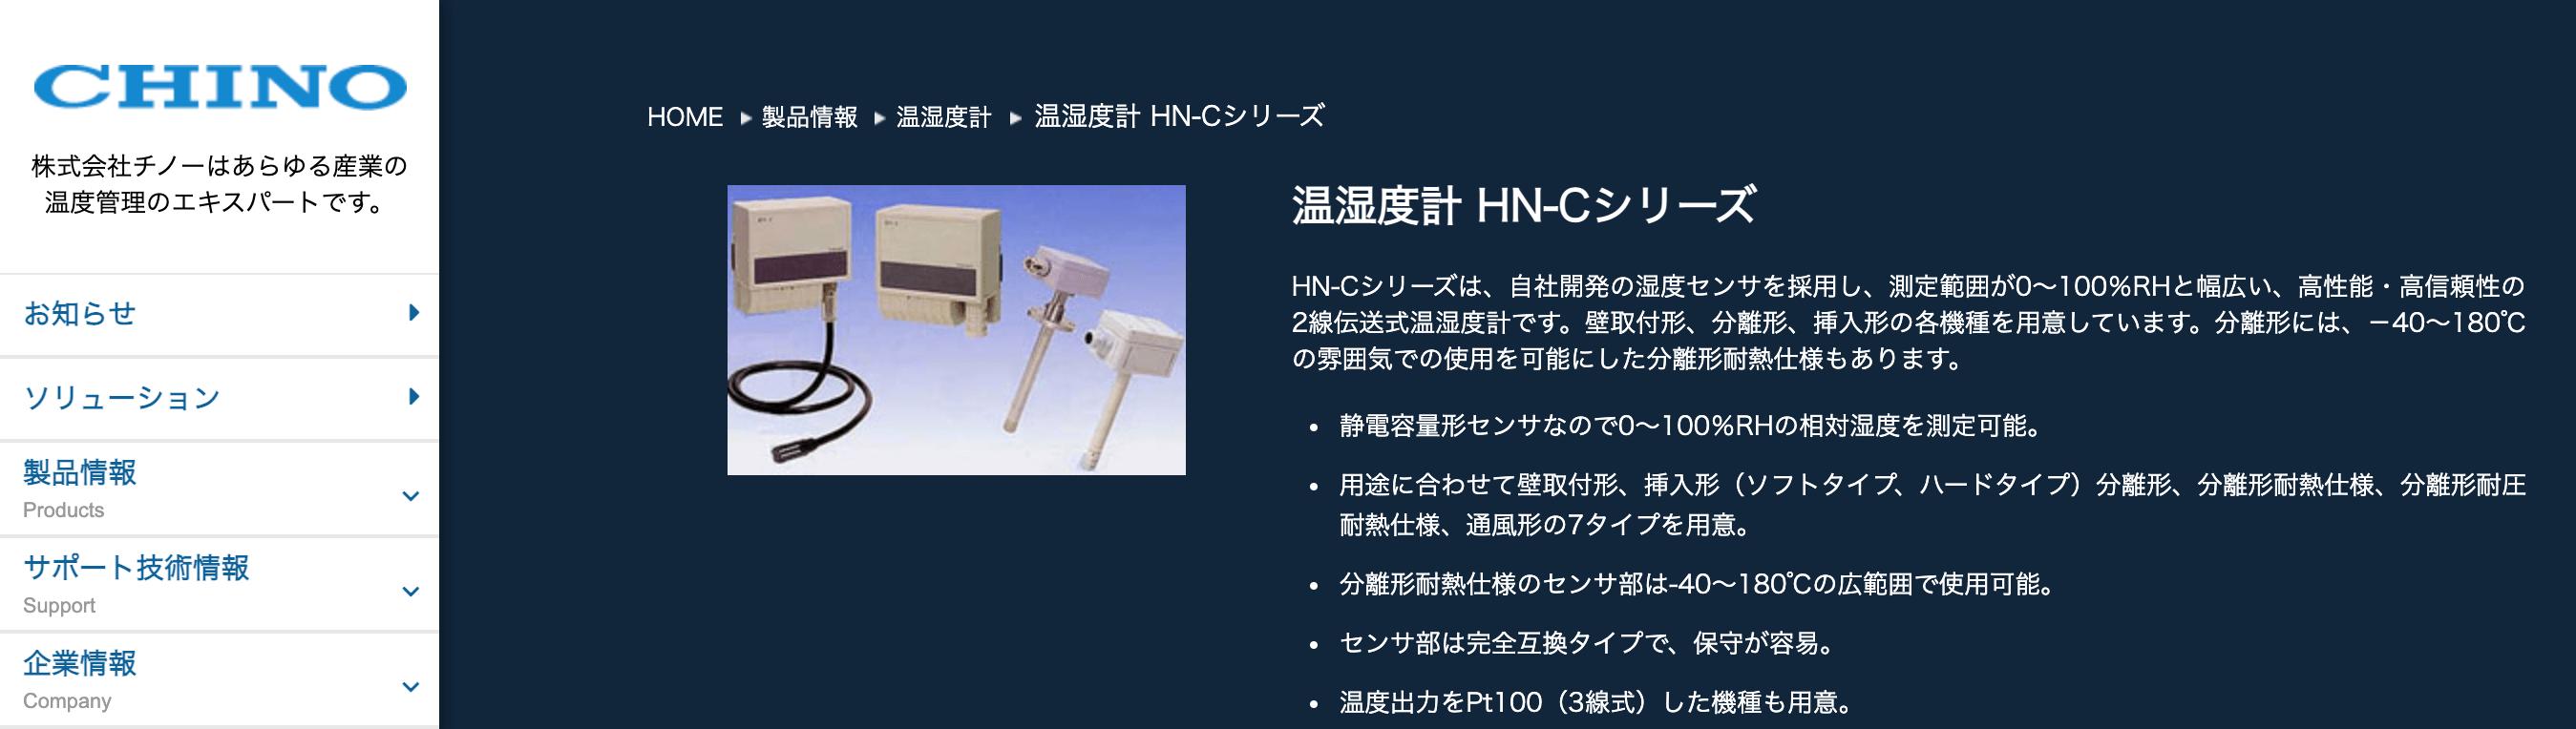 温湿度計 HN-Cシリーズ